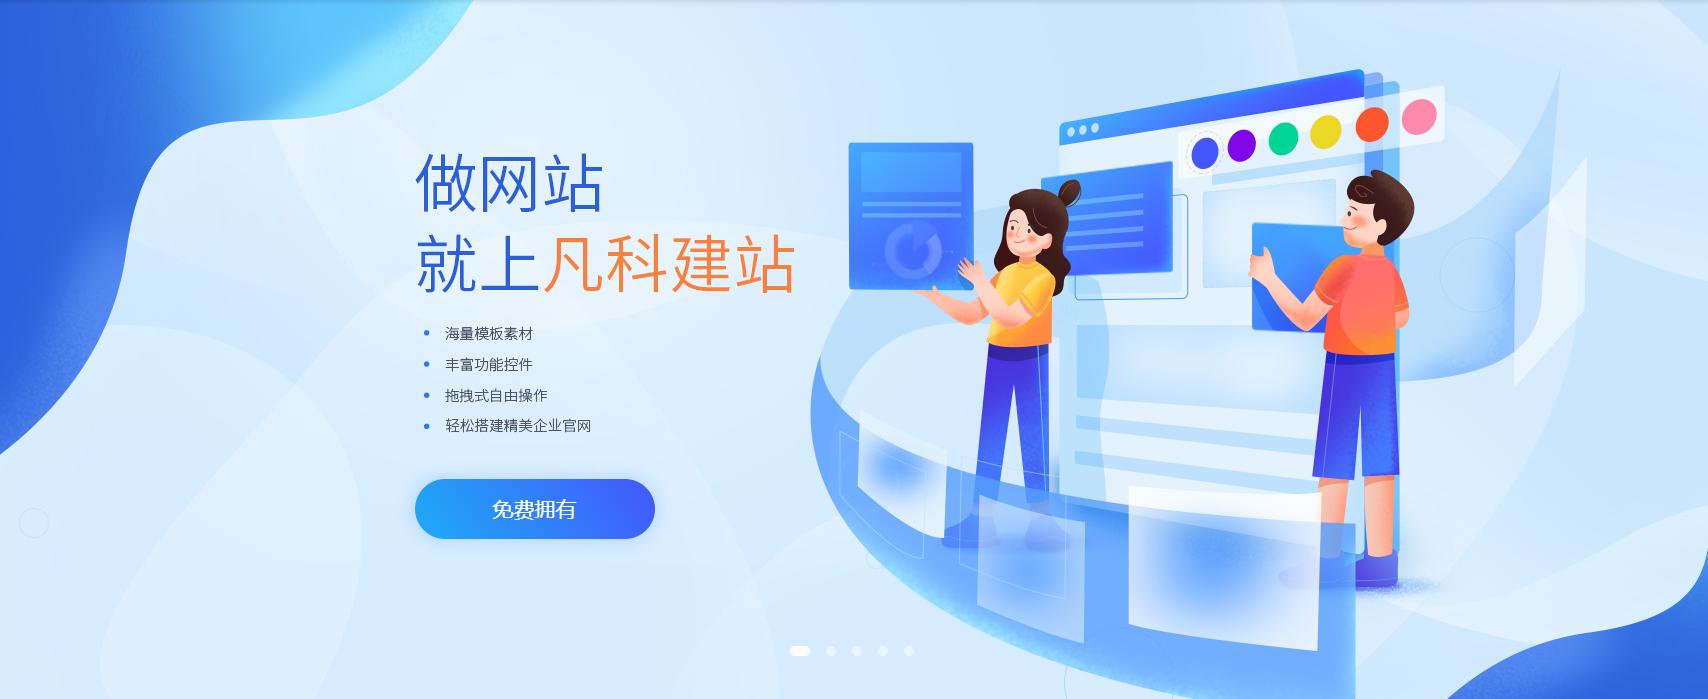 广东网站建设_专业广东网站建设知识点